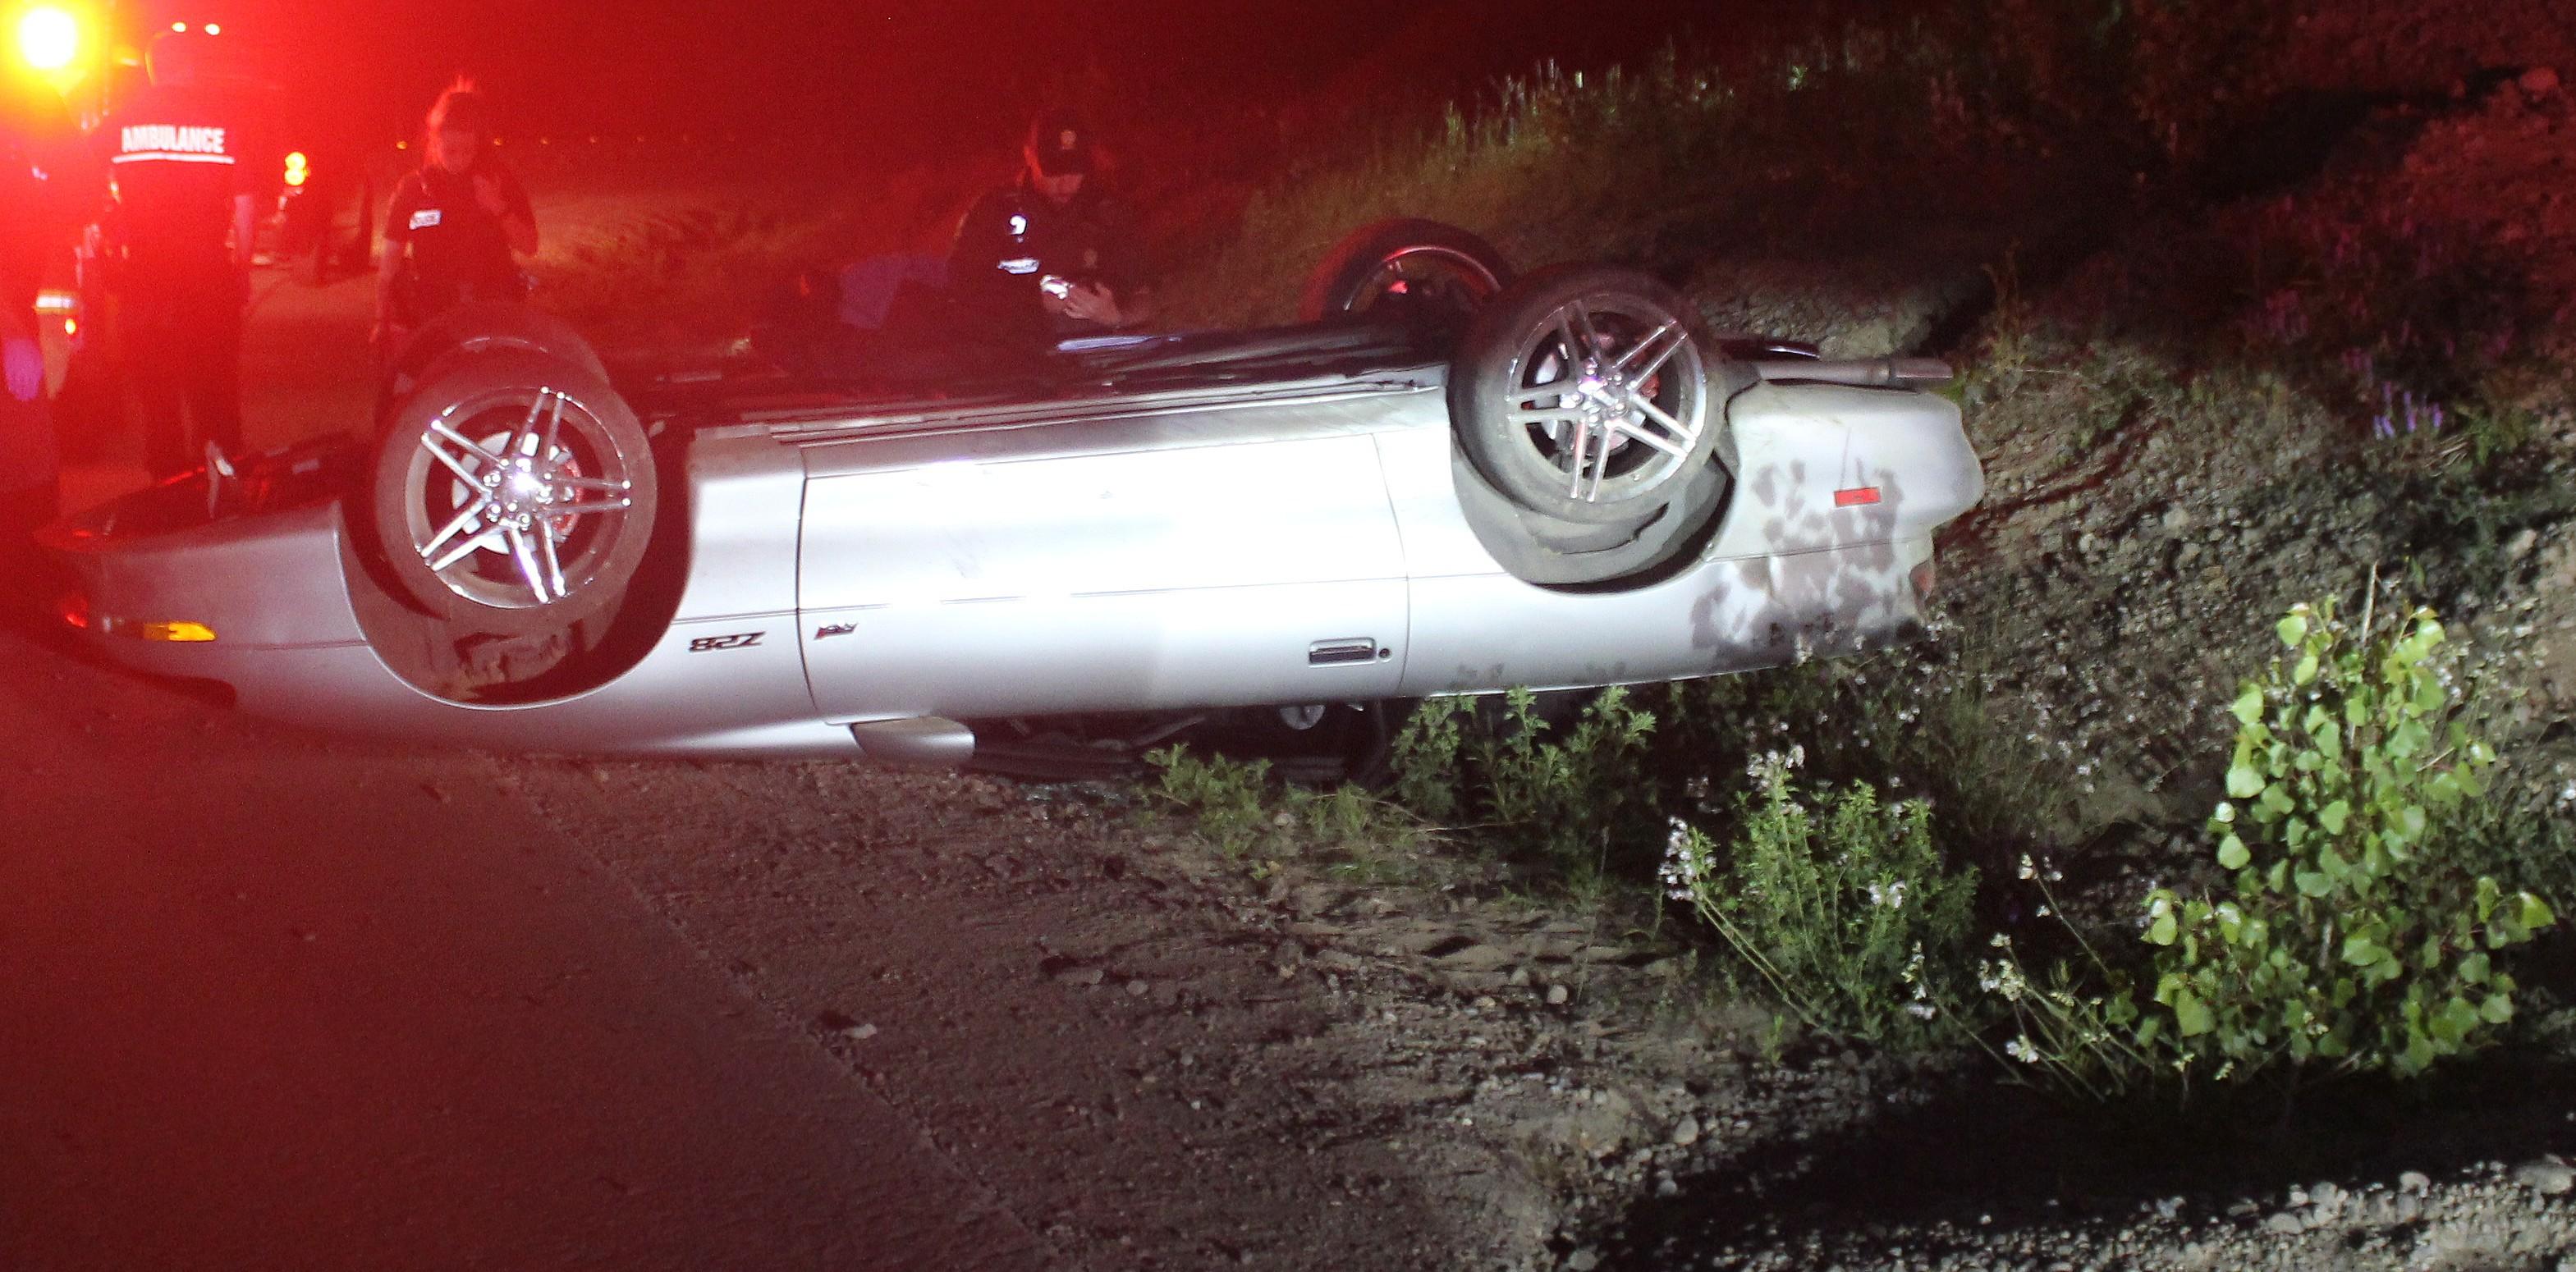 Accident Sainte-Mélanie